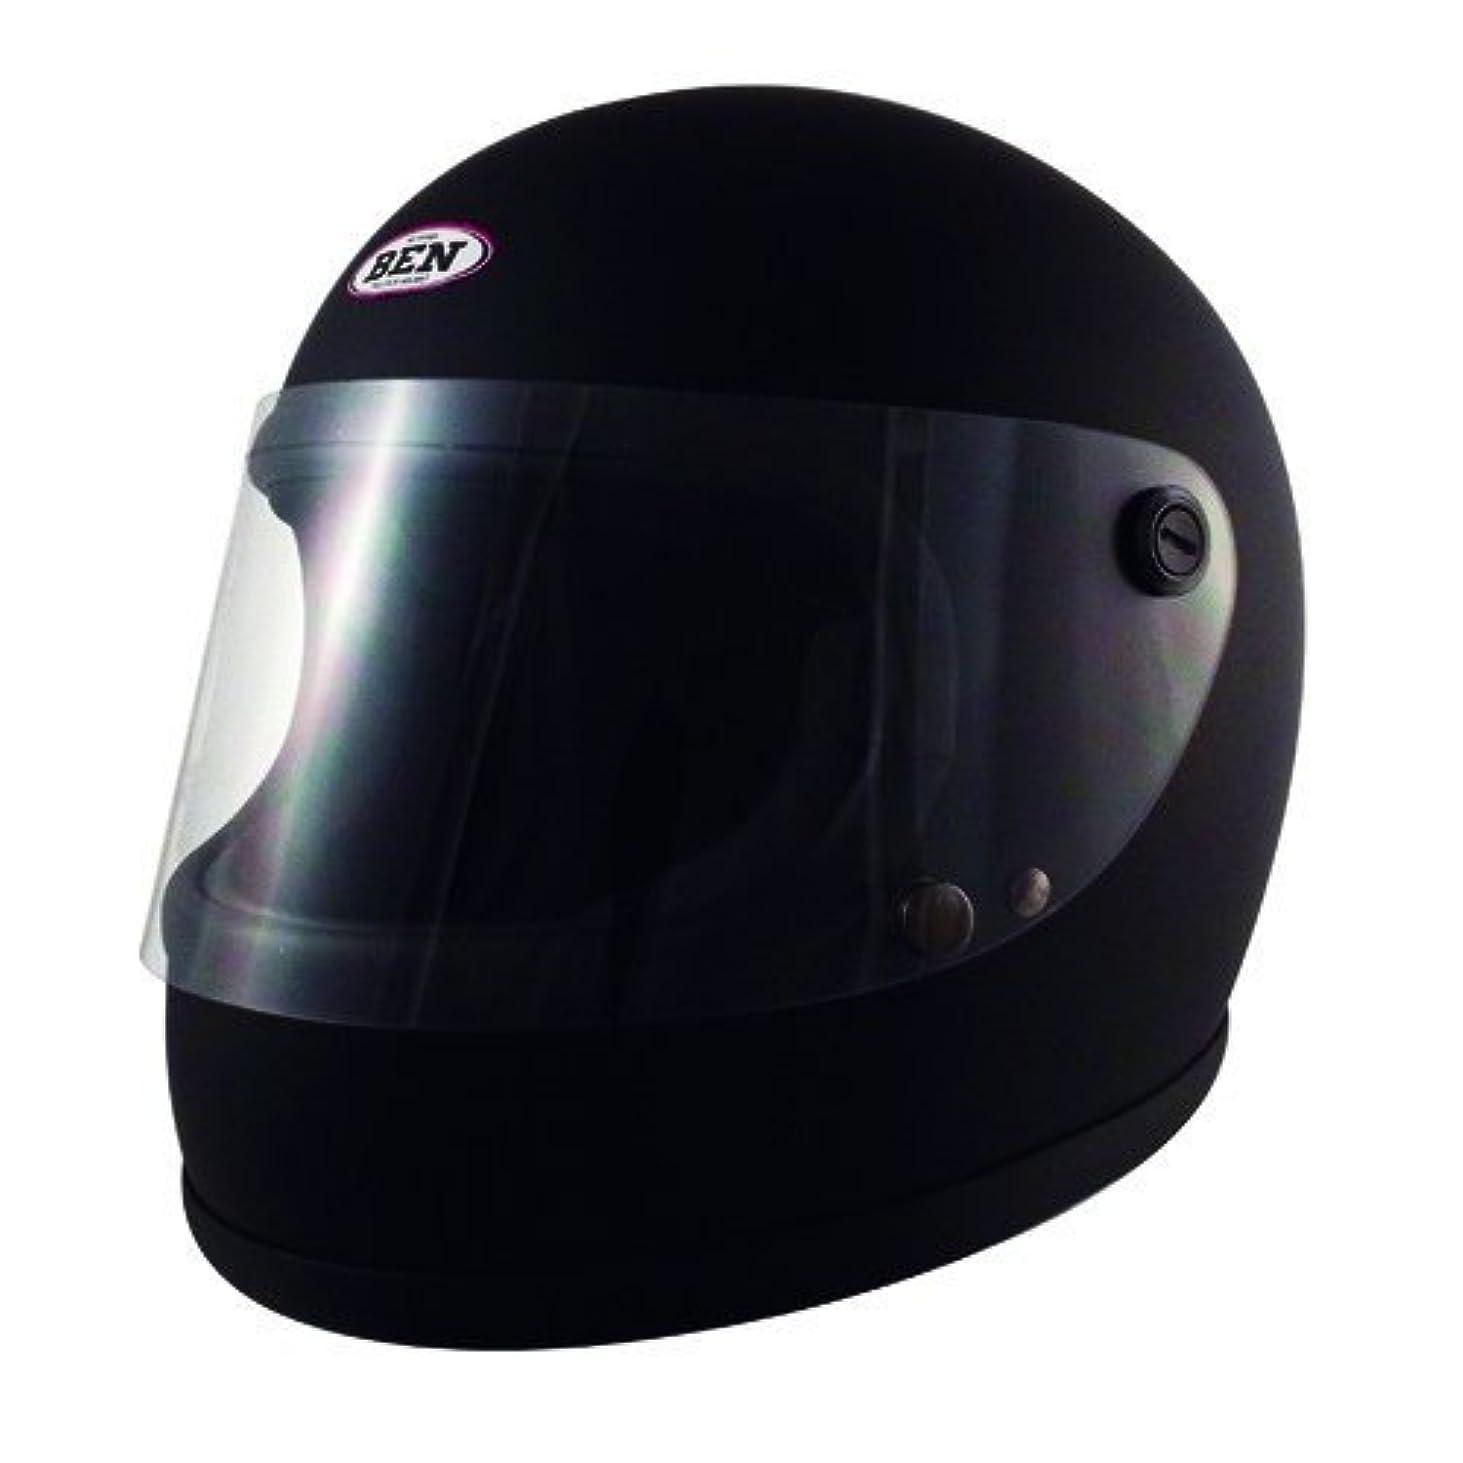 放散する足首モナリザTNK工業 スピードピット ヴィンテージスタイル フルフェイスヘルメット B60 マッドブラック 51180 フリー (頭囲 58cm~59cm)